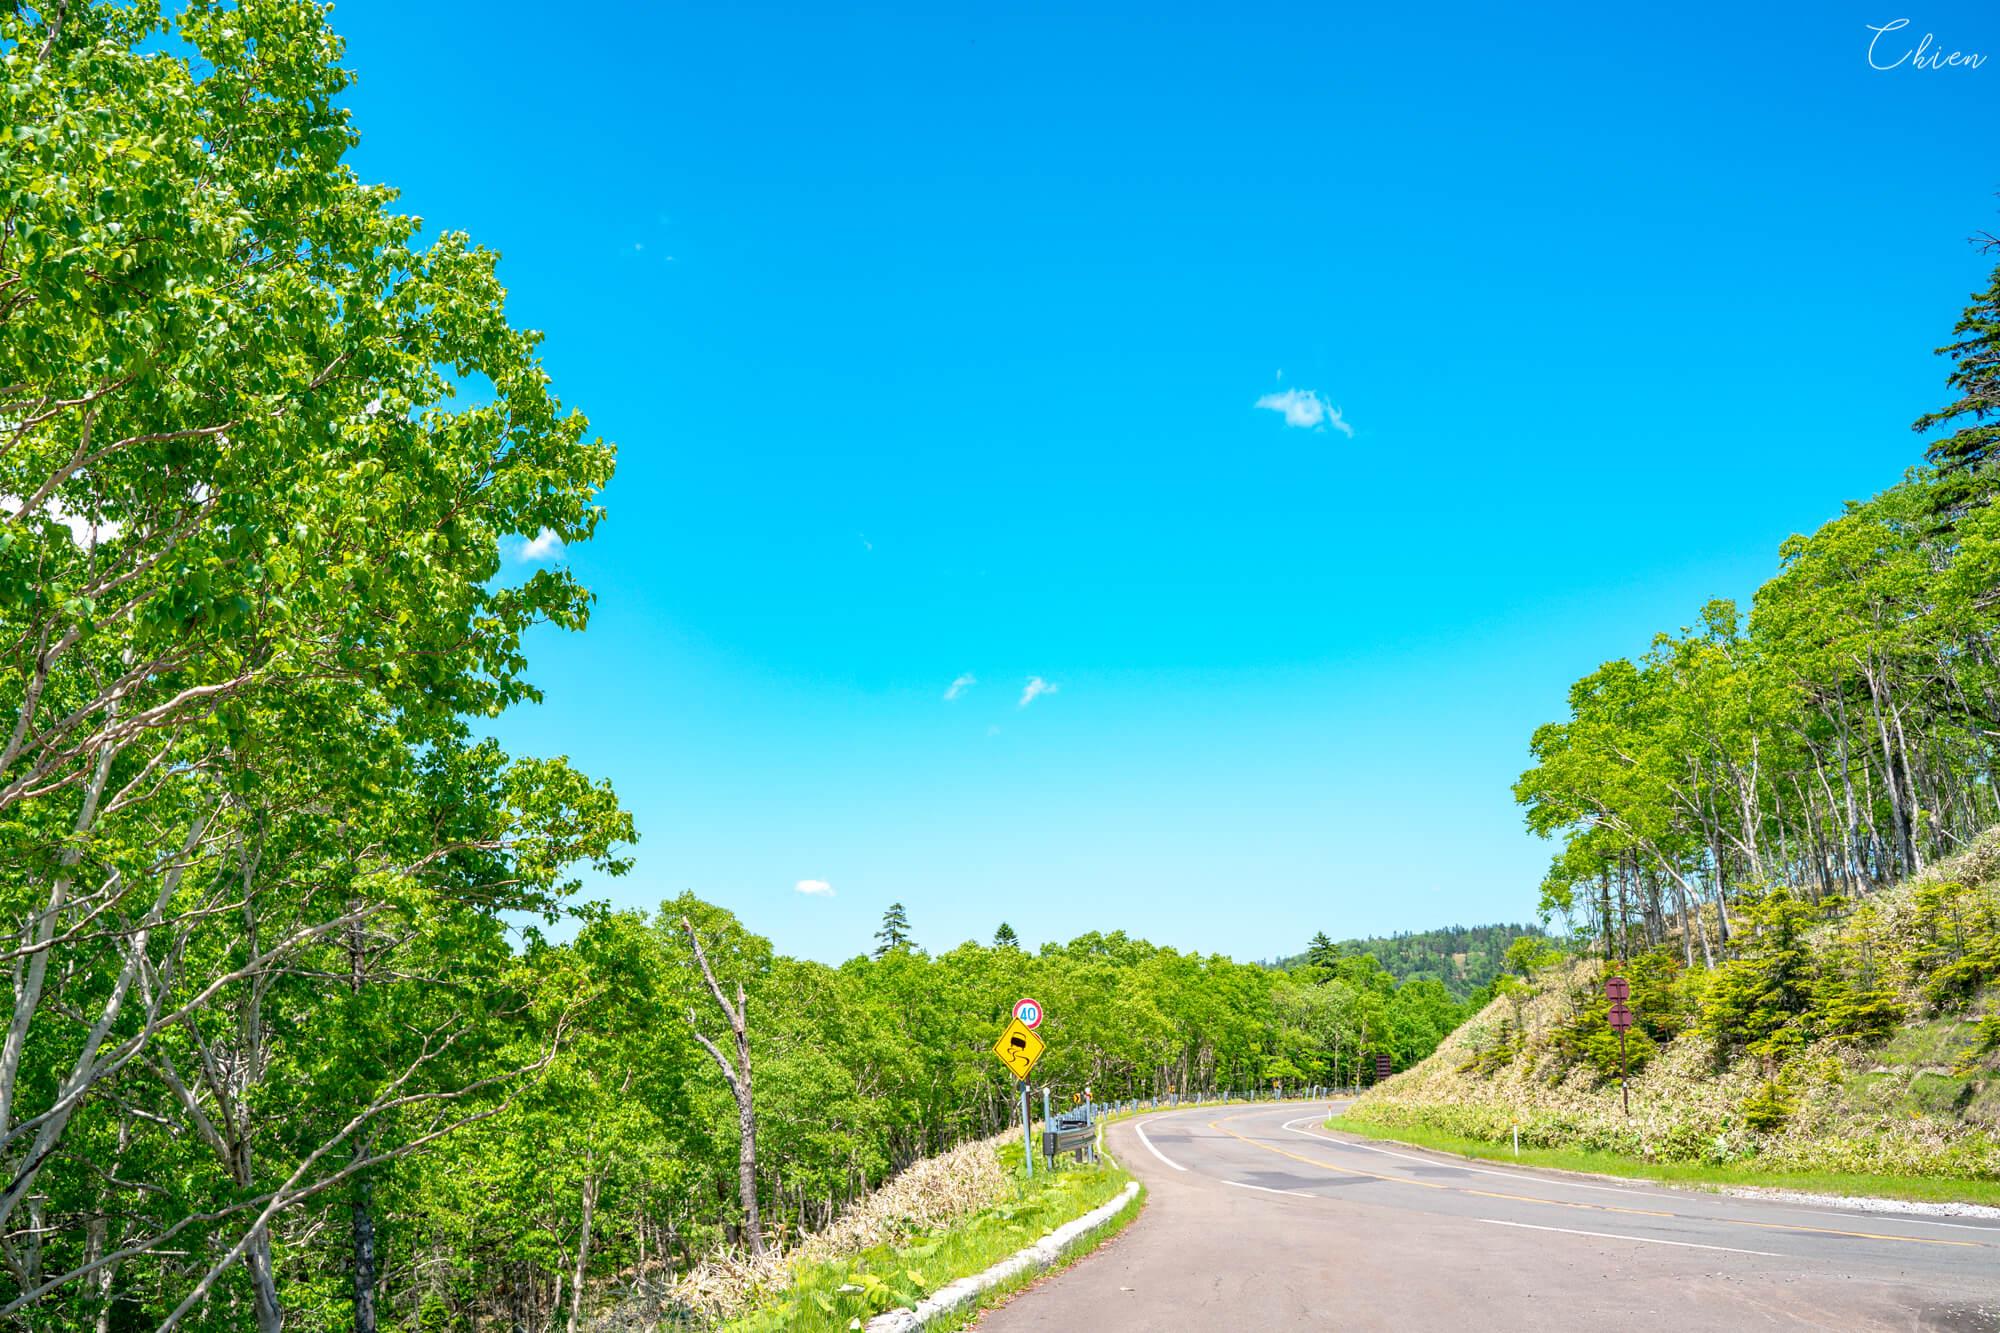 北海道道東自駕旅行 夏天 摩周溫泉道路休息站